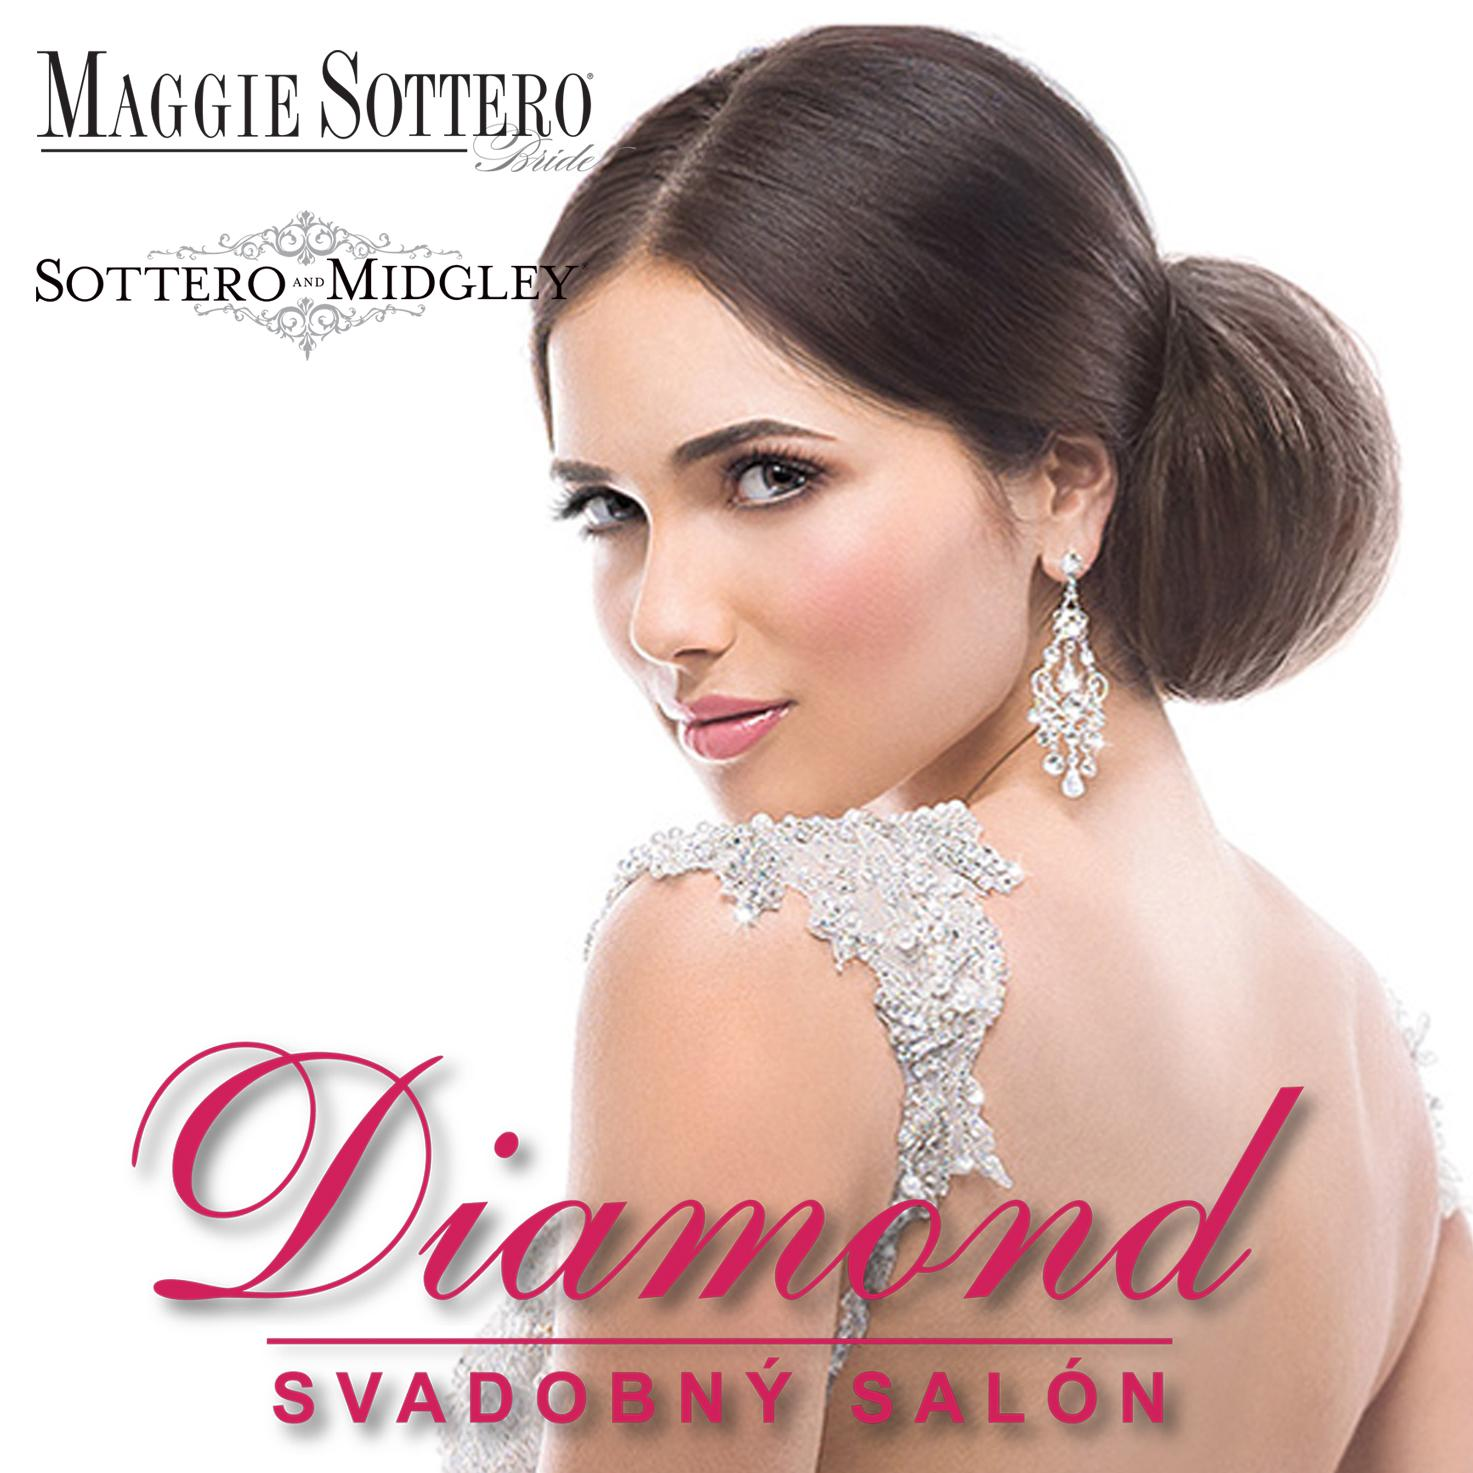 diamondzilina - Exkluzívne svadobné šaty MAGGIE SOTTERO a SOTTERO&MIDGLEY Vám prináša svadobný salón DIAMOND už aj do Žiliny.